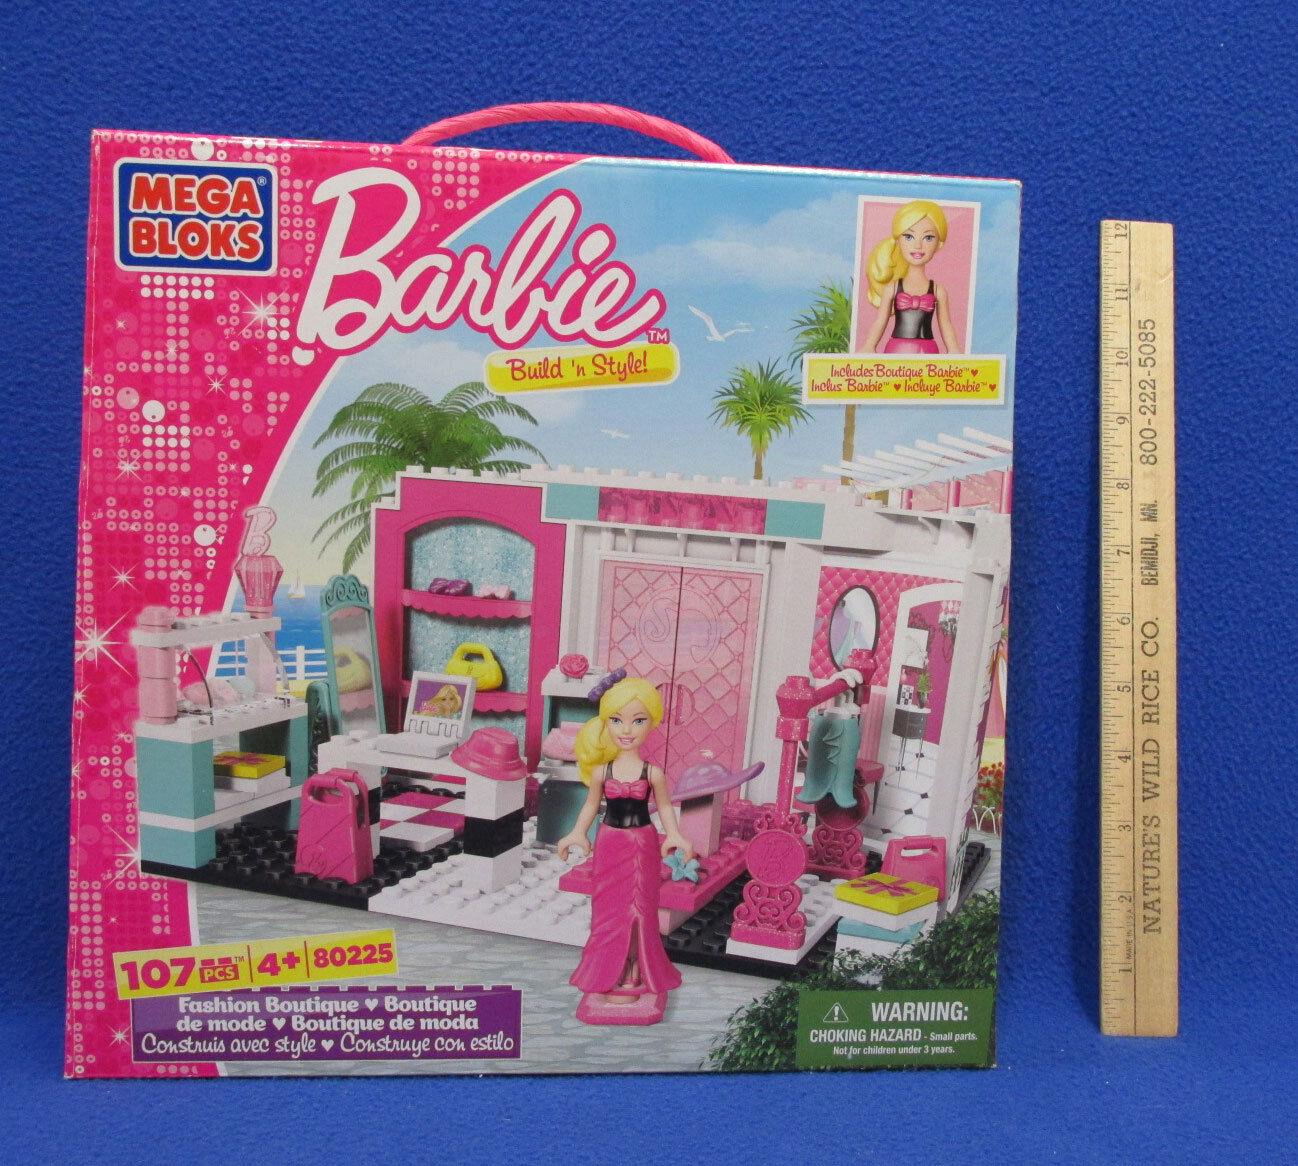 NEW Mega Bloks Barbie Build /'n Style 80225 Fashion Boutique 107 Pieces 2012